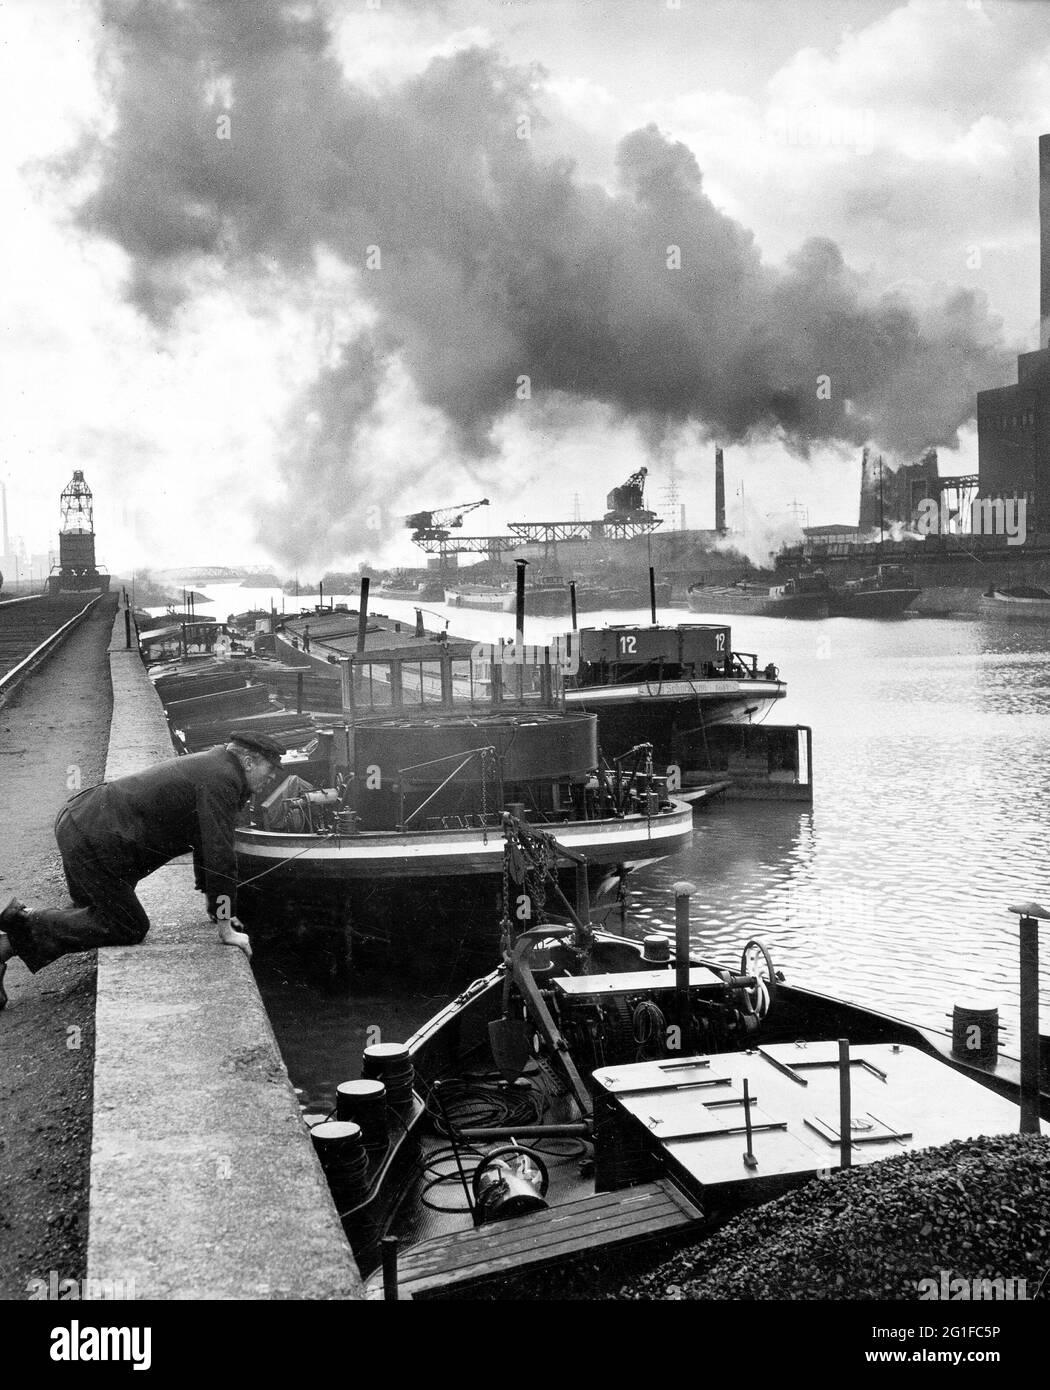 Géographie / voyage, Allemagne, Rhénanie-du-Nord-Westphalie, région de la Ruhr, quai de chargement pour le charbon, INFO-DROITS-AUTORISATION-SUPPLÉMENTAIRES-NON-DISPONIBLE Banque D'Images